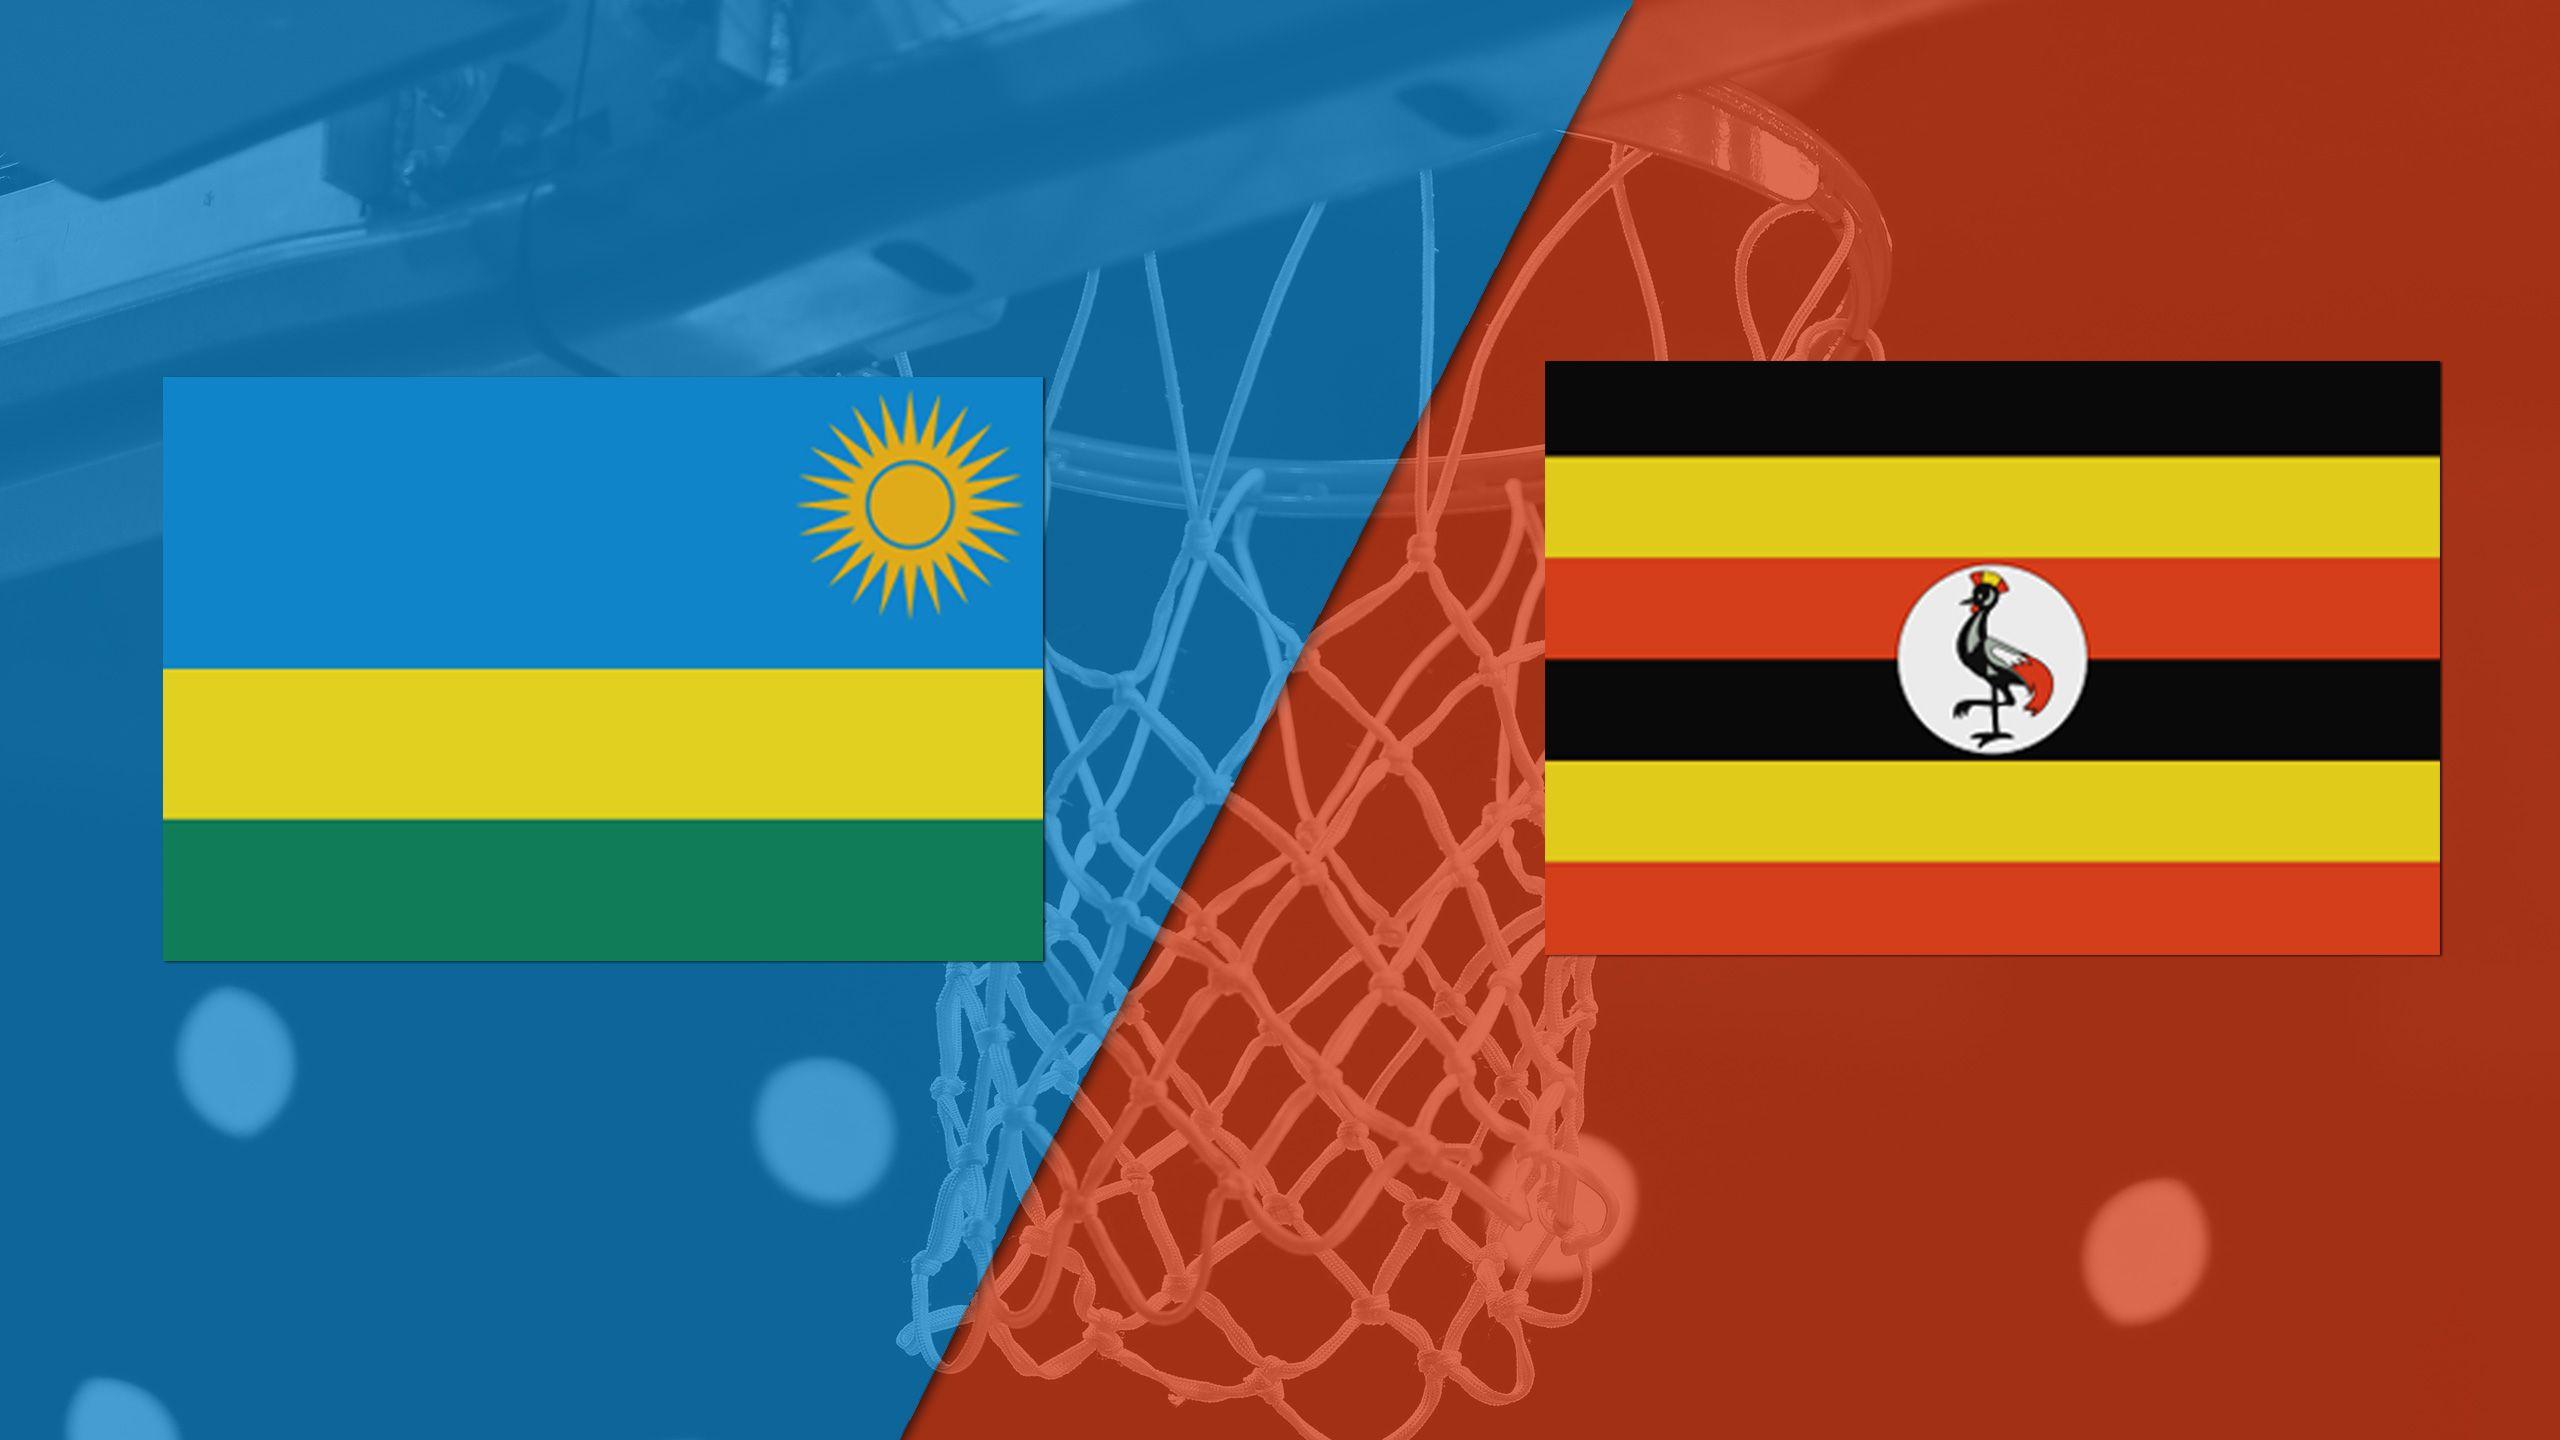 Rwanda vs. Uganda (FIBA World Cup 2019 Qualifier)